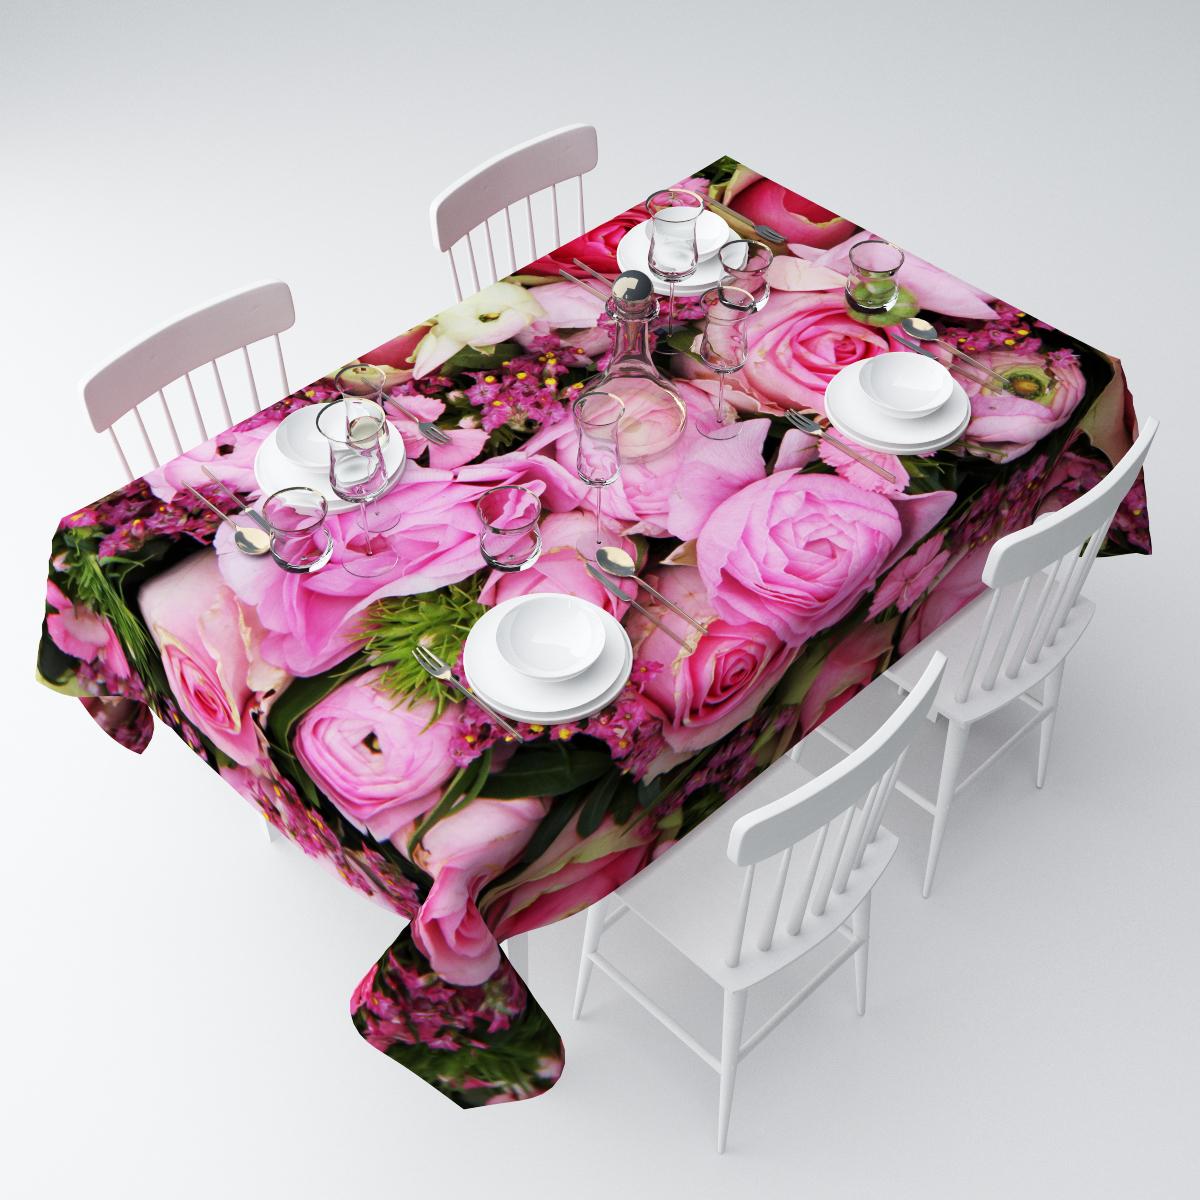 Скатерть Сирень Розовое счастье, прямоугольная, 145 х 120 смСКГБ003-09186Скатерть Сирень с ярким и объемным рисунком преобразит Вашу кухню, визуально расширит пространство, создаст атмосферу радости и комфорта. Размеры: 145х120 Рекомендации по уходу: стирка при 30 градусах гладить при температуре до 110 градусов Изображение на мониторе может немного отличаться от реального.